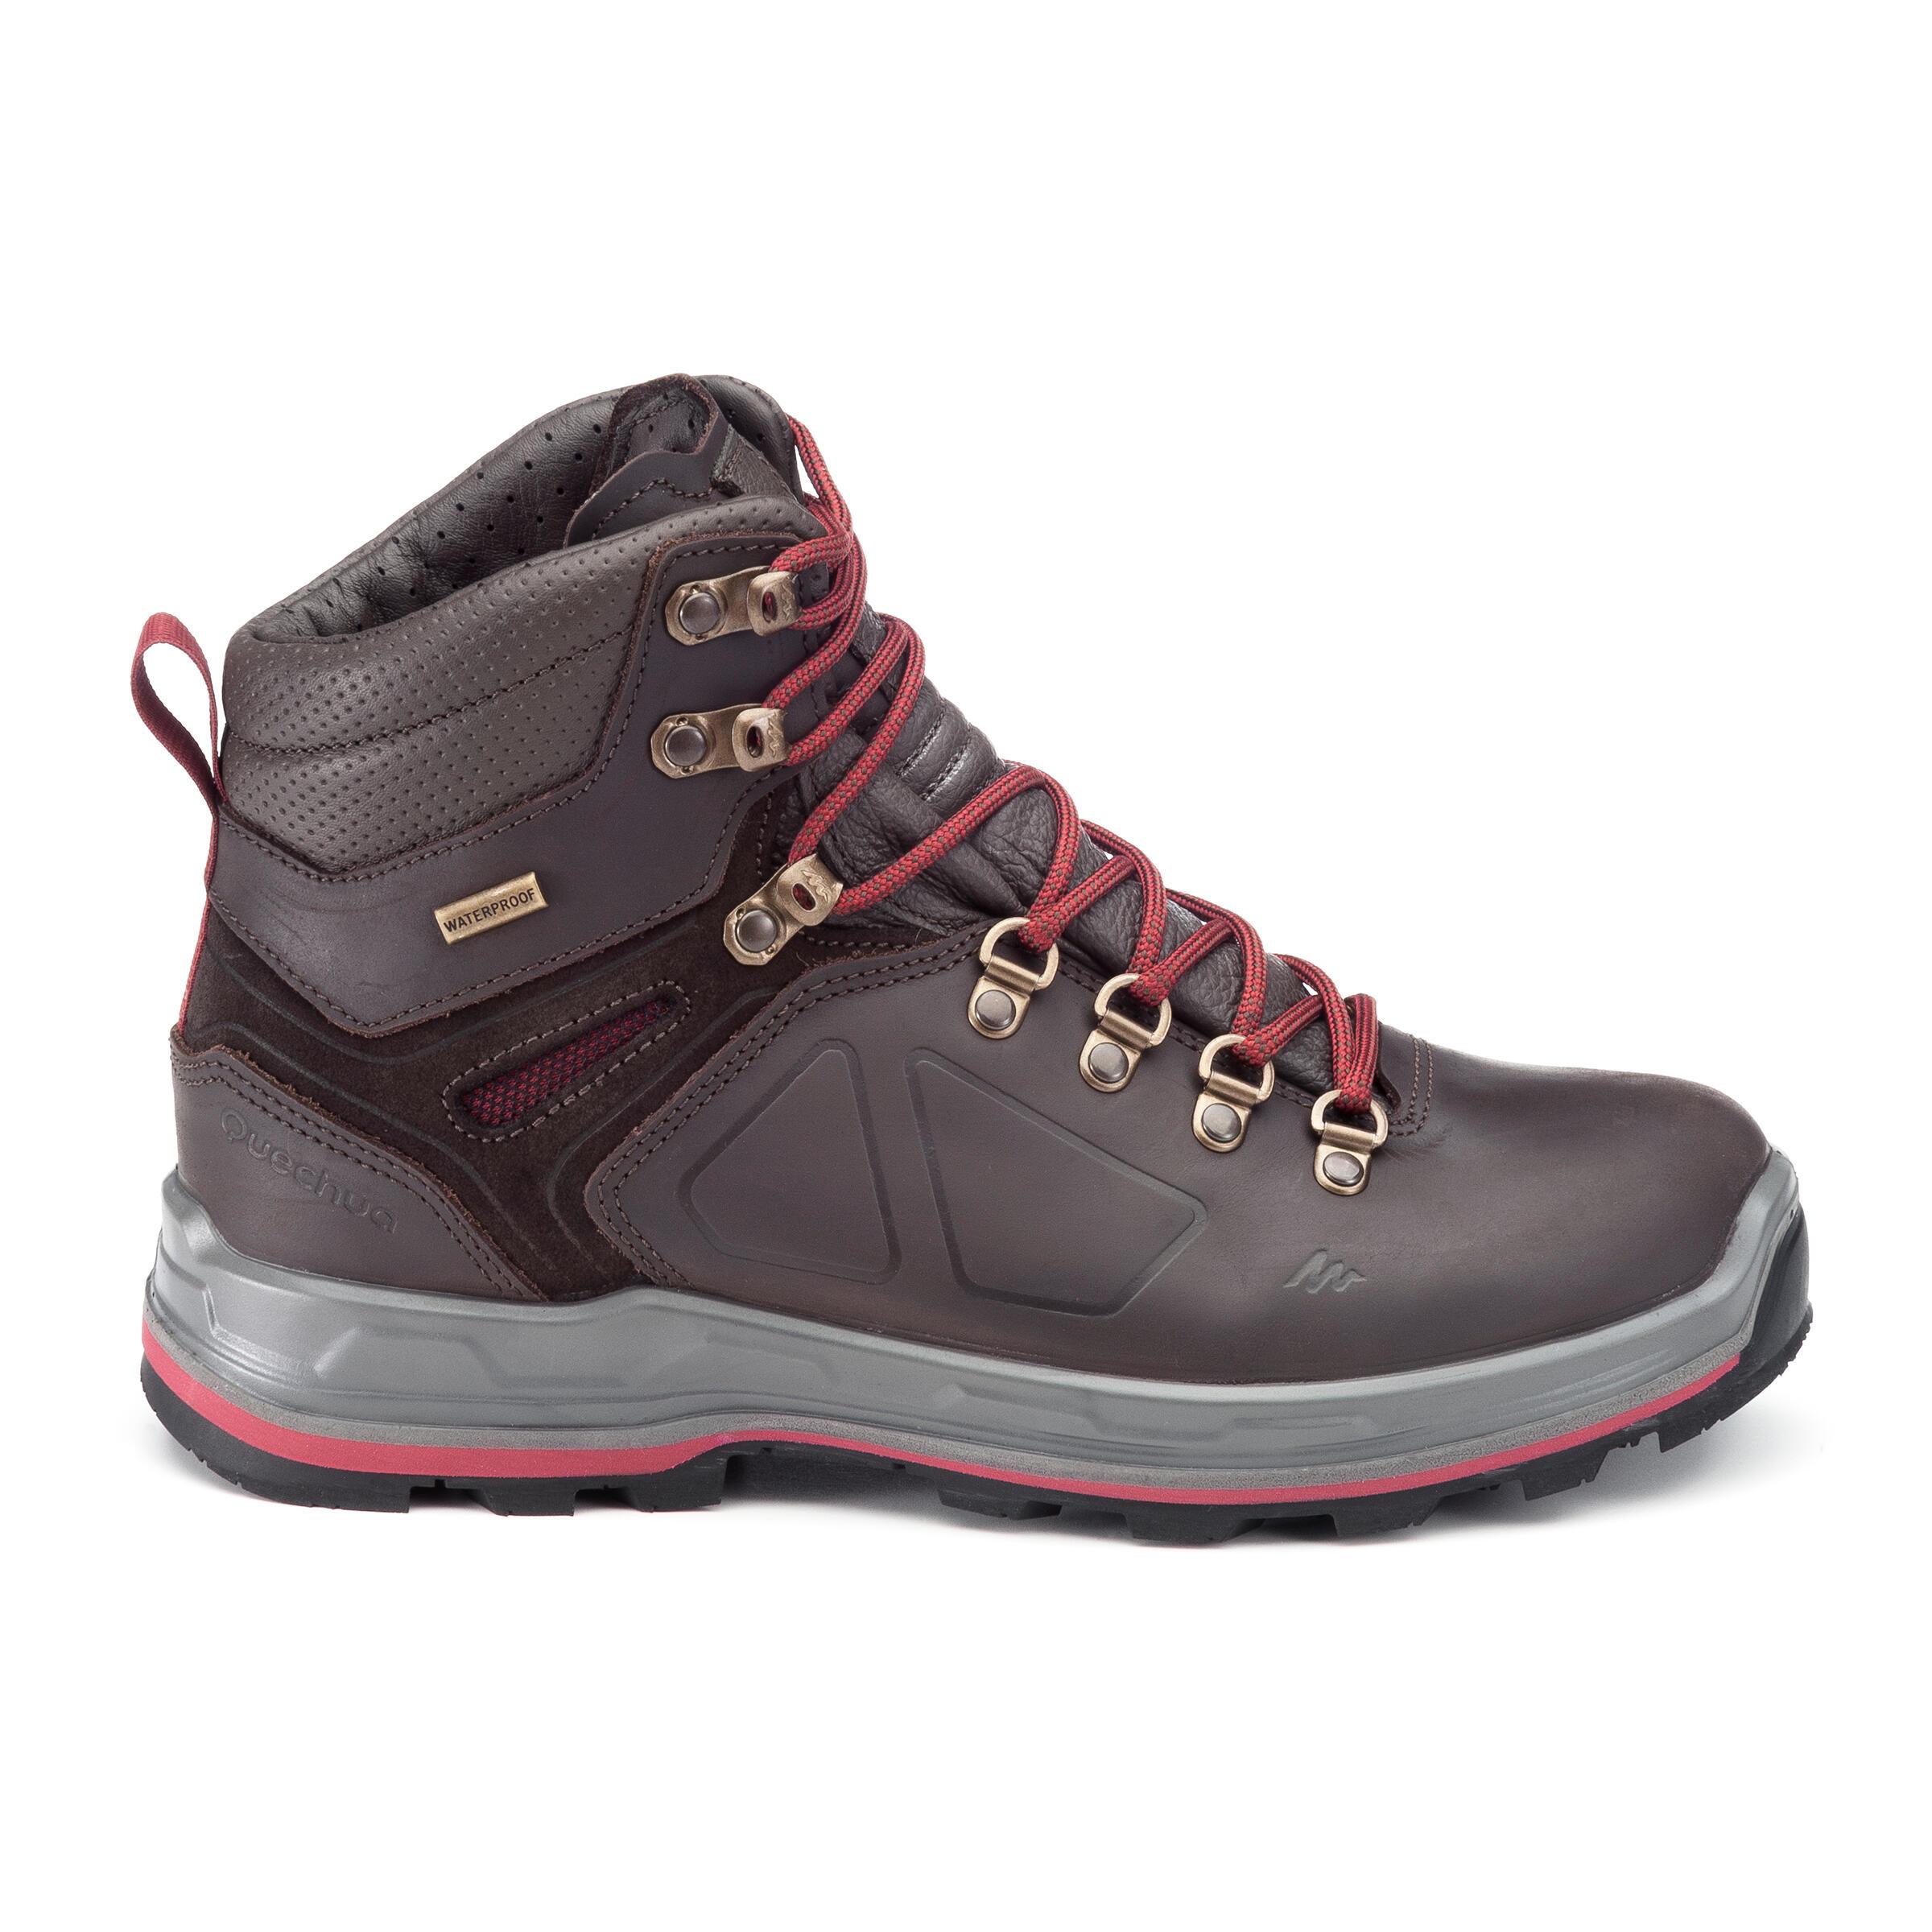 877431 Quechua Trekkingschoenen Trek 500 voor dames